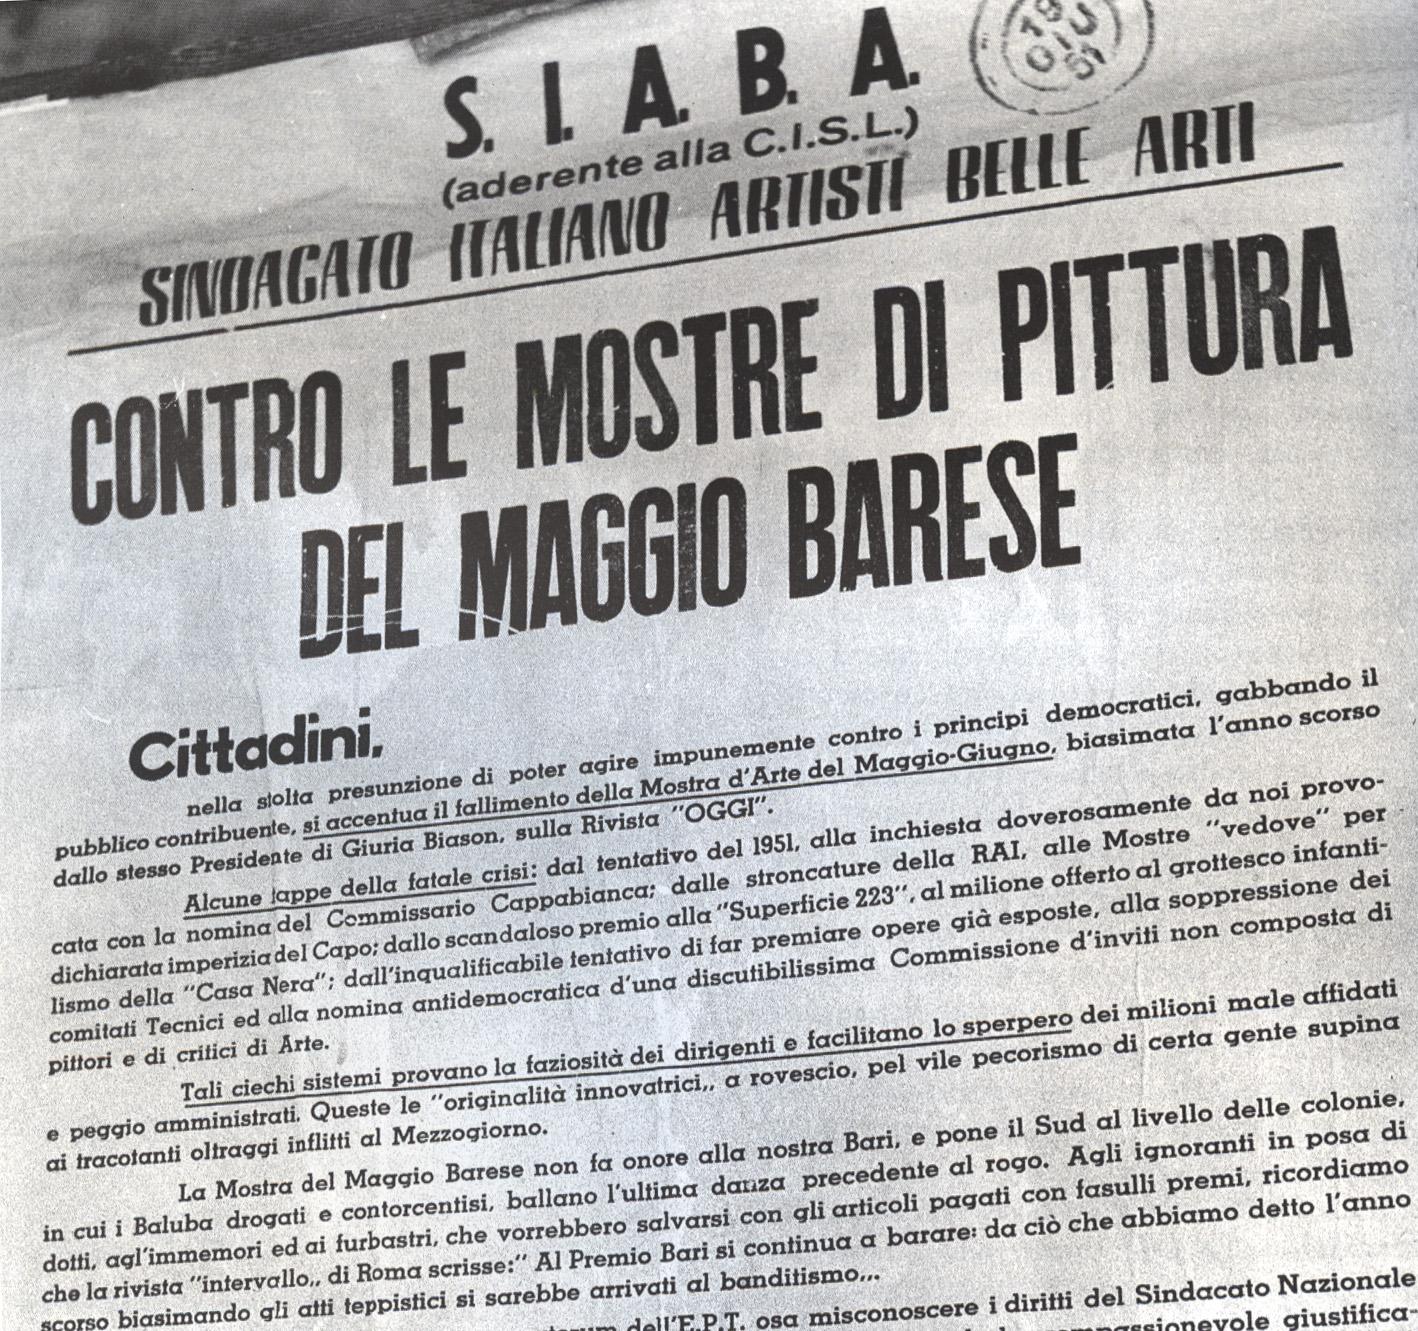 """La foto di un manifesto sindacale che tuonava peste e corna contro la mostra del Maggio di Bari 1958 (premio a Gentilini) che """"non fa onore alla nostra Bari""""."""